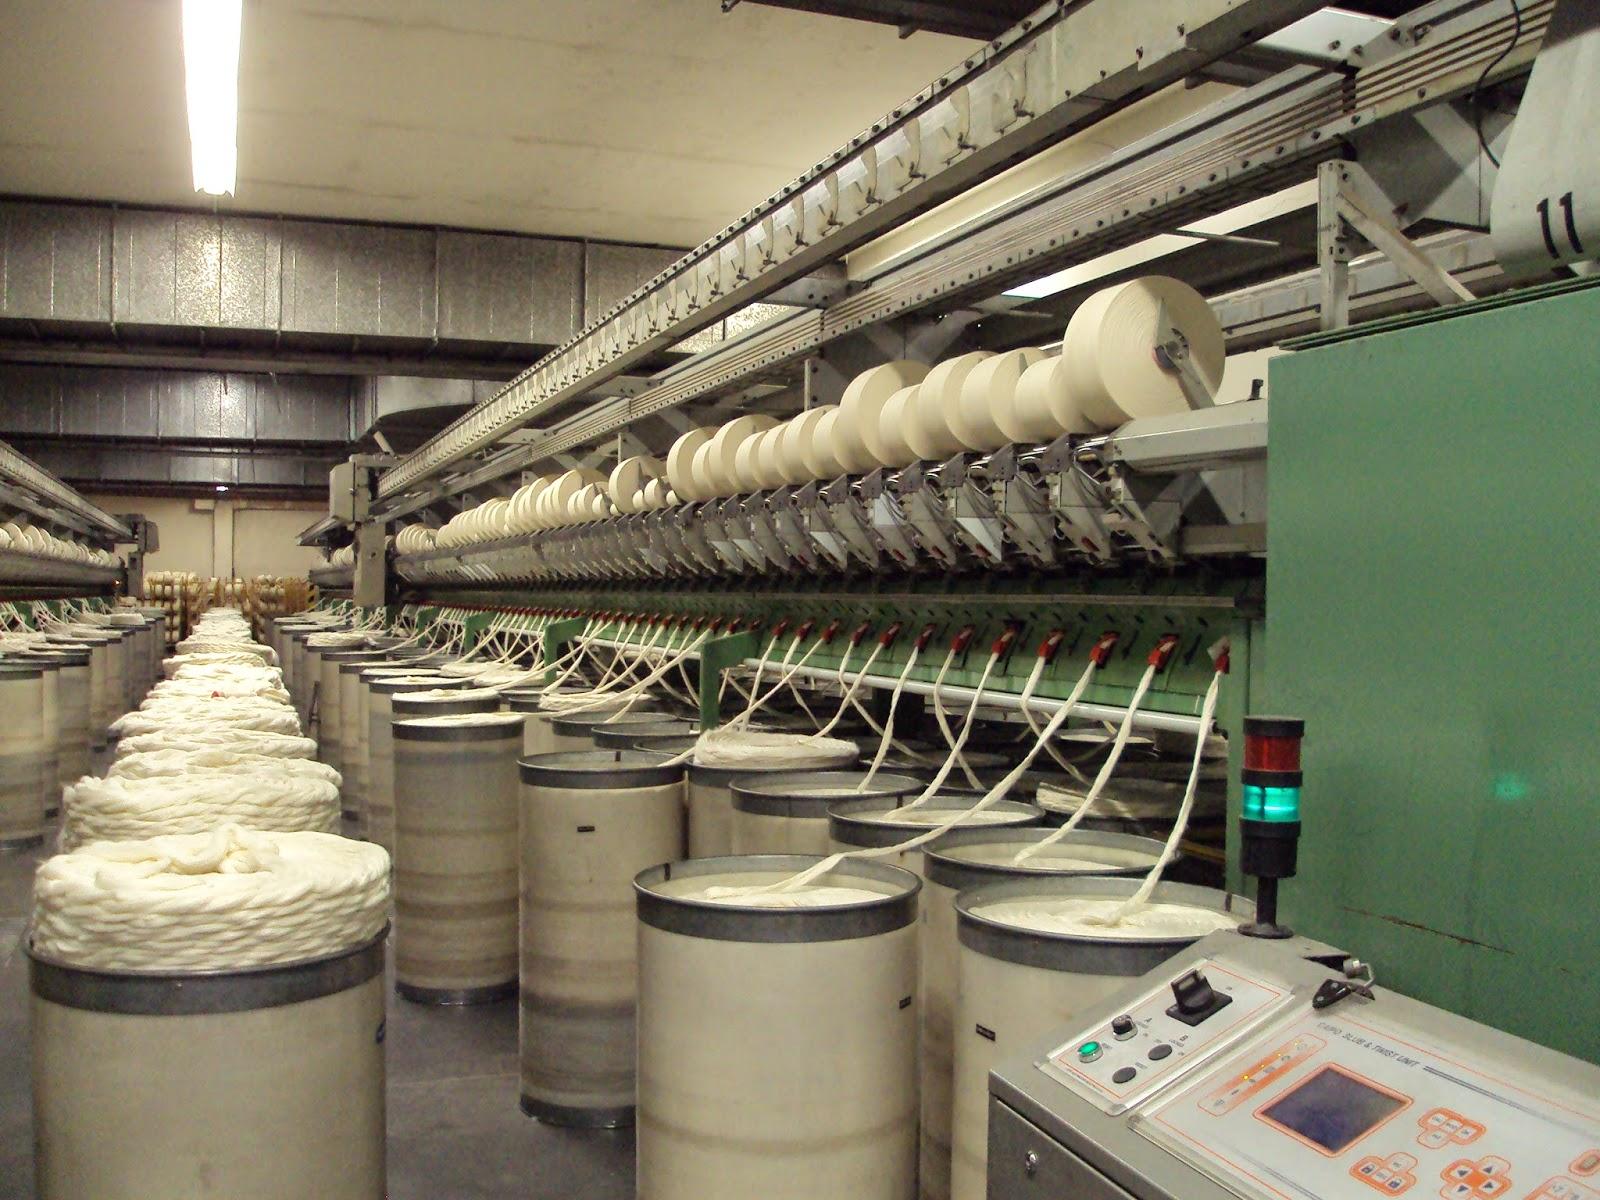 ¿Y tú conoces los procesos utilizados en la fabricación el hilo?